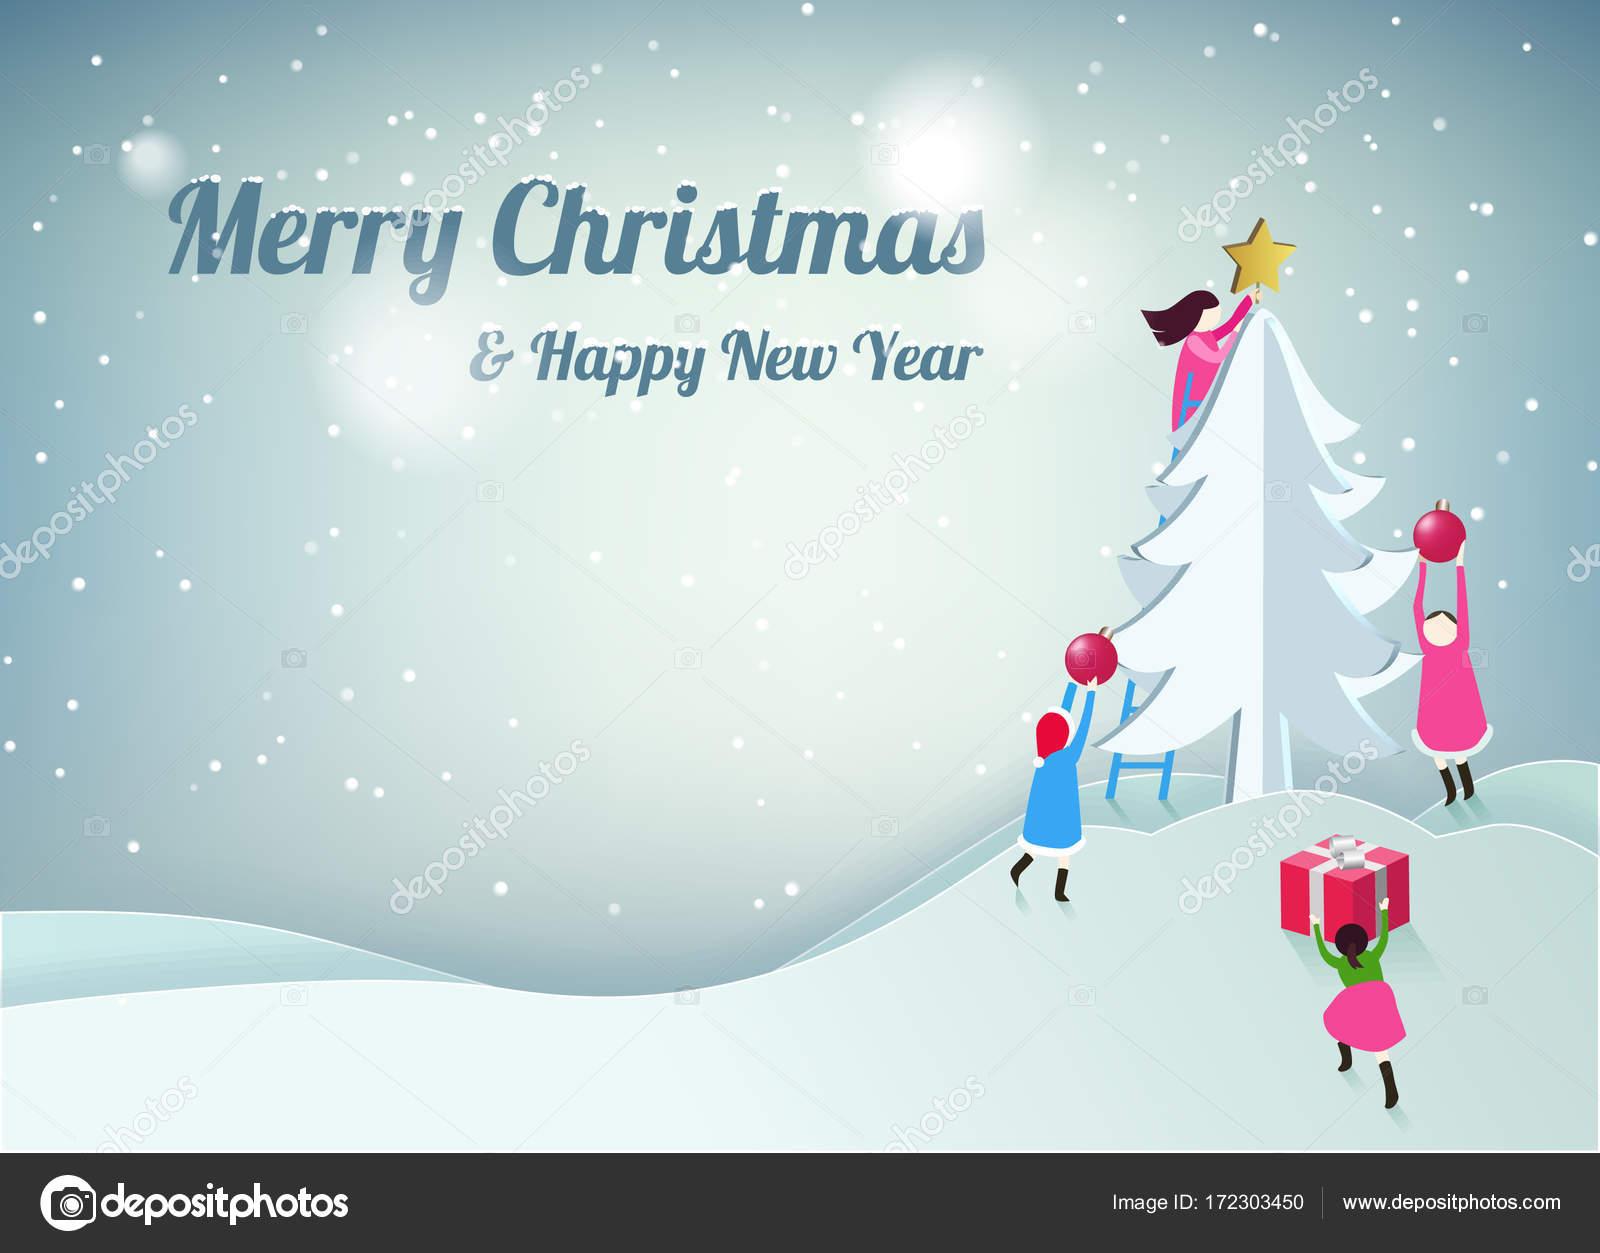 Frohe Weihnachten Und Happy New Year.Frohe Weihnachten Und Happy New Year Grußkarte Vektor Illustration